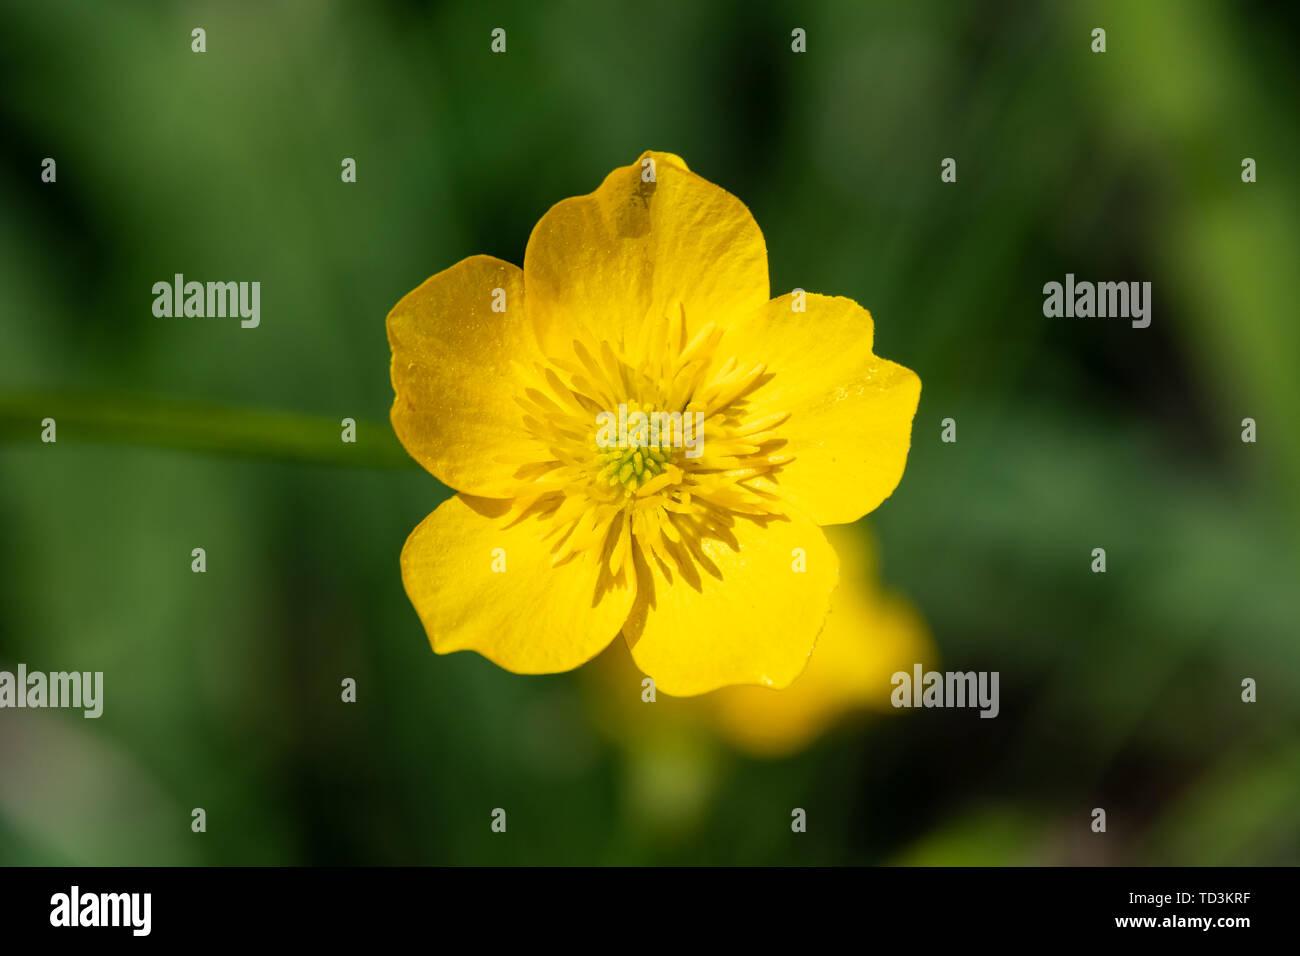 Fiori Gialli Di Montagna.Fiore Giallo Di Montagna Ranuncolo Ranunculus Montanus Fiore